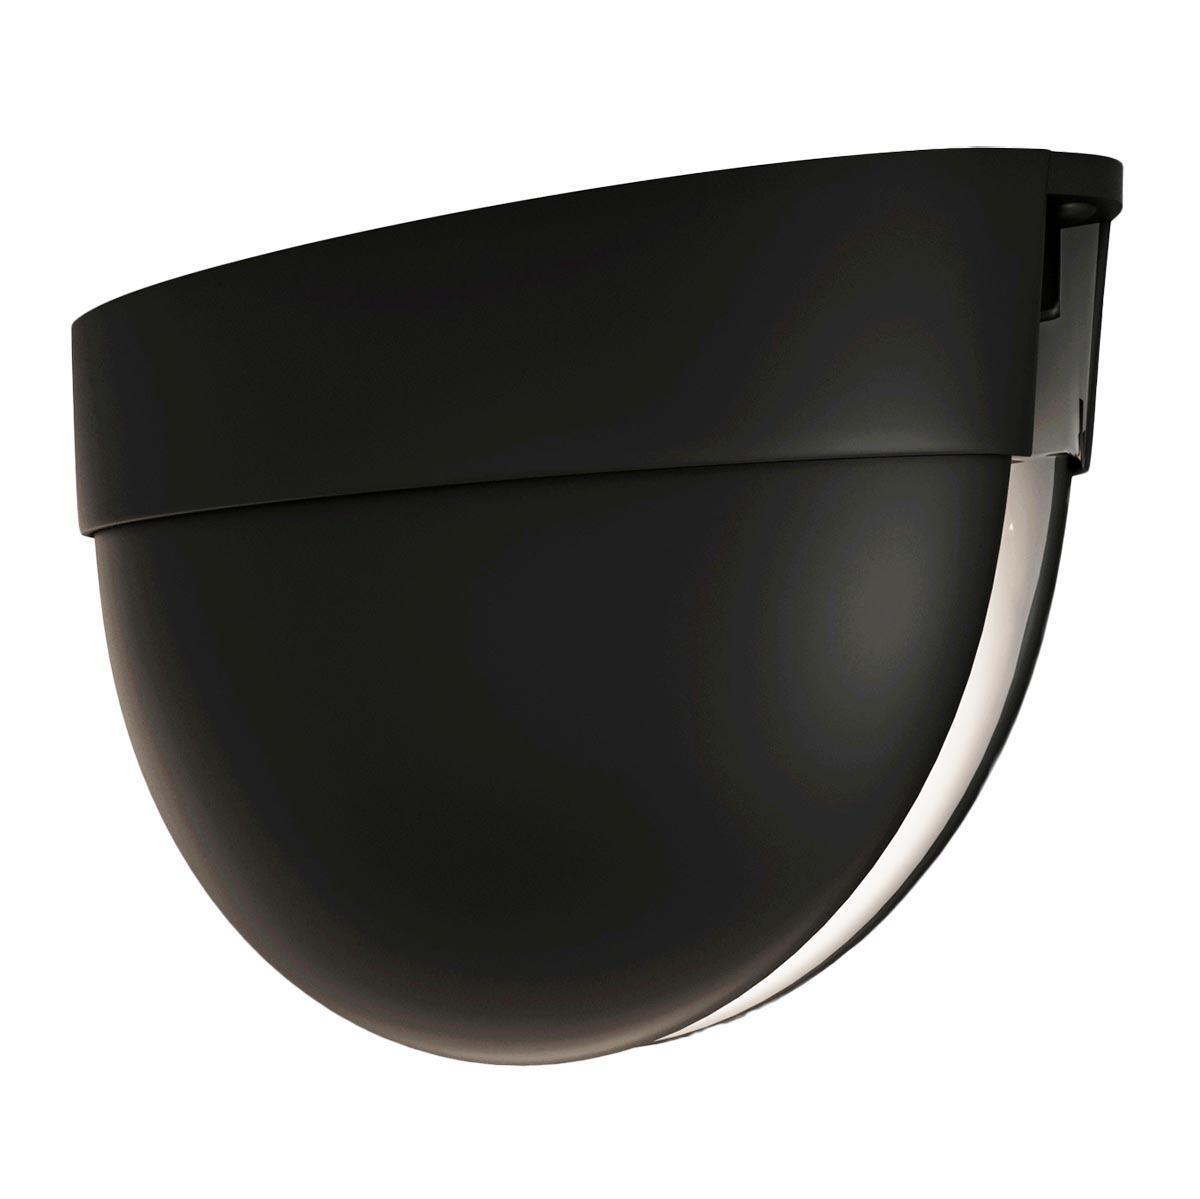 Уличный светодиодный светильник Elektrostandard 1630 Techno Led черный 4690389152160